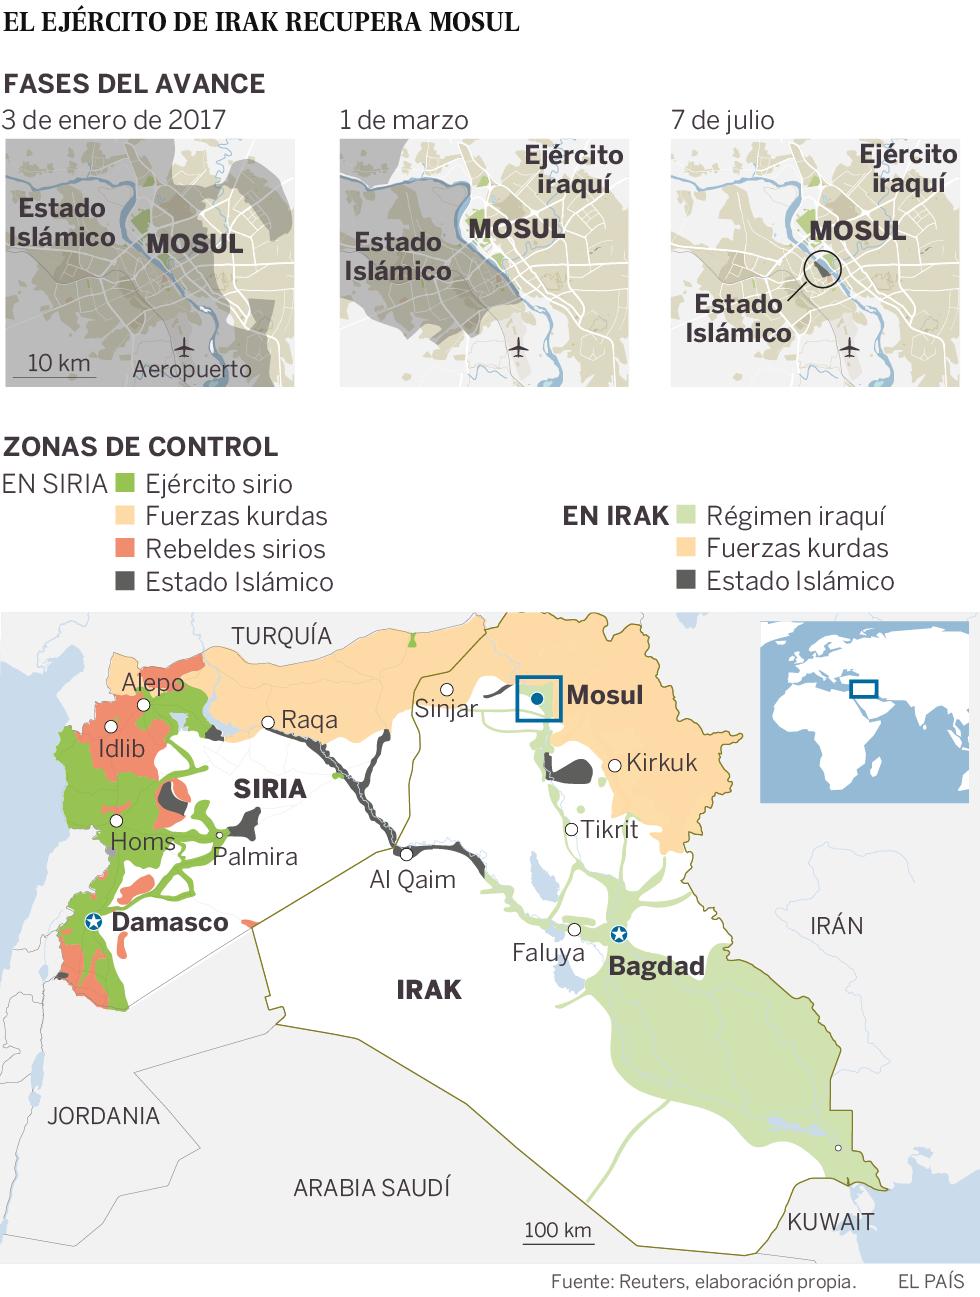 El primer ministro iraquí declara la victoria sobre el ISIS en Mosul